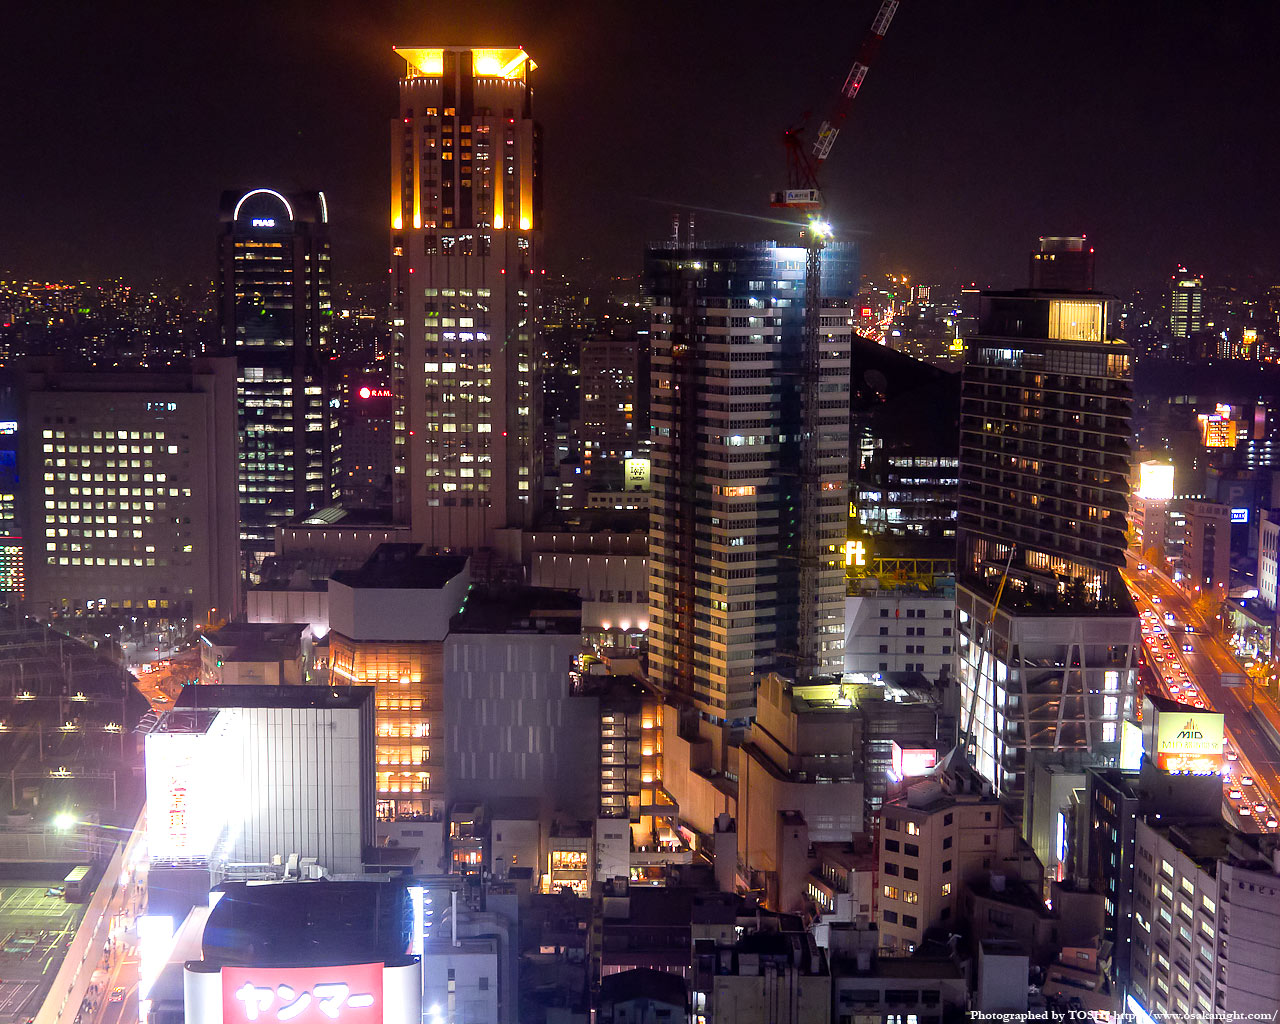 茶屋町周辺の高層ビル群夜景2